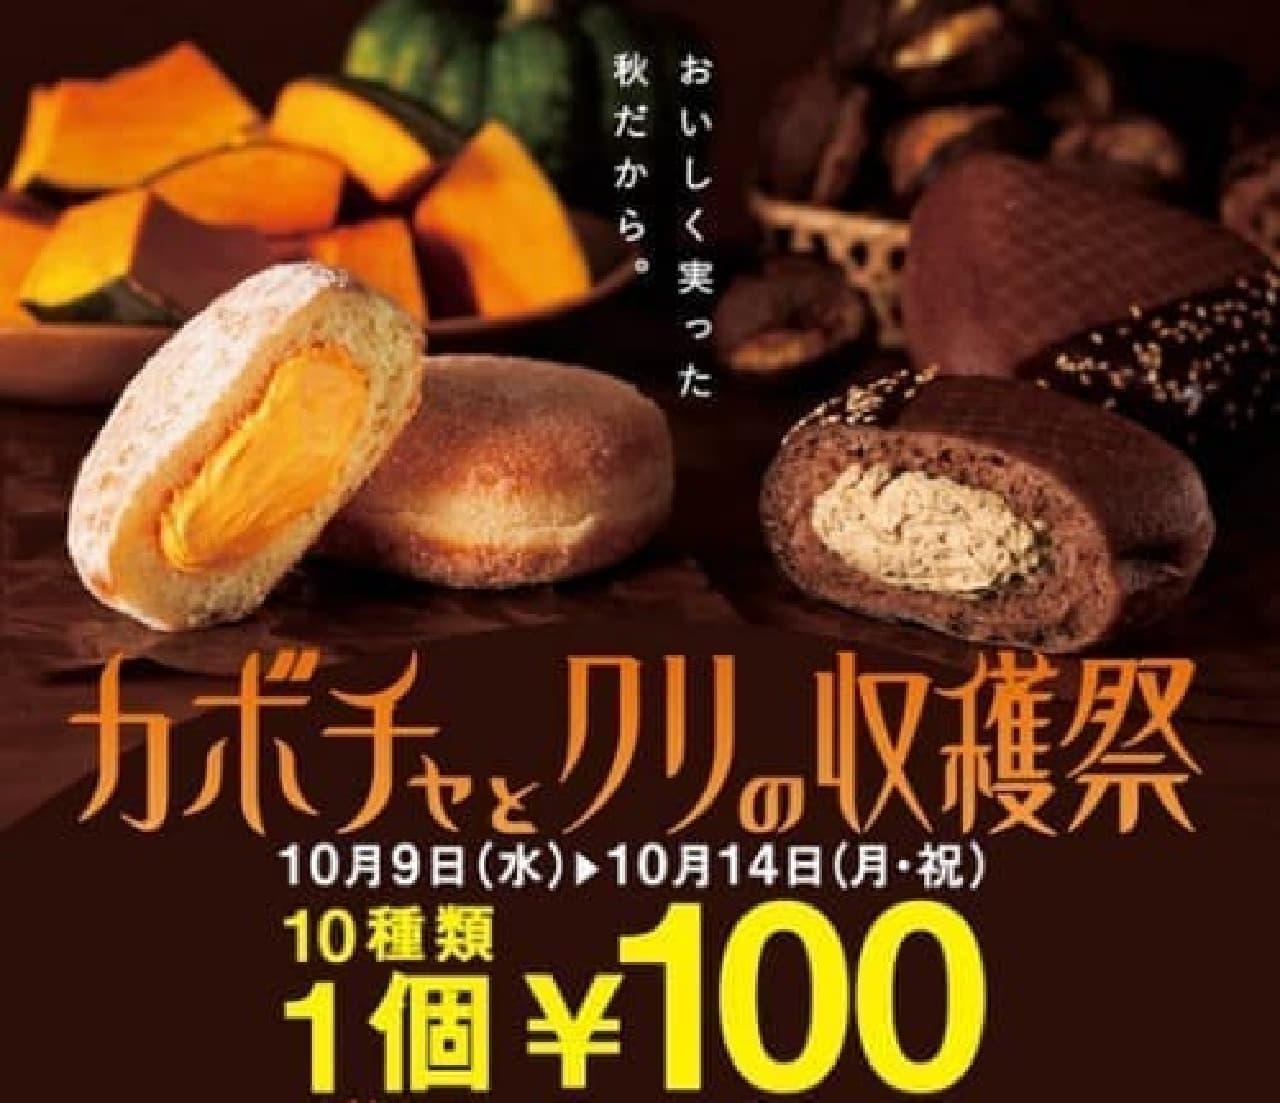 10種のドーナツが100円、10月14日まで!  (出典:ミスタードーナツ)